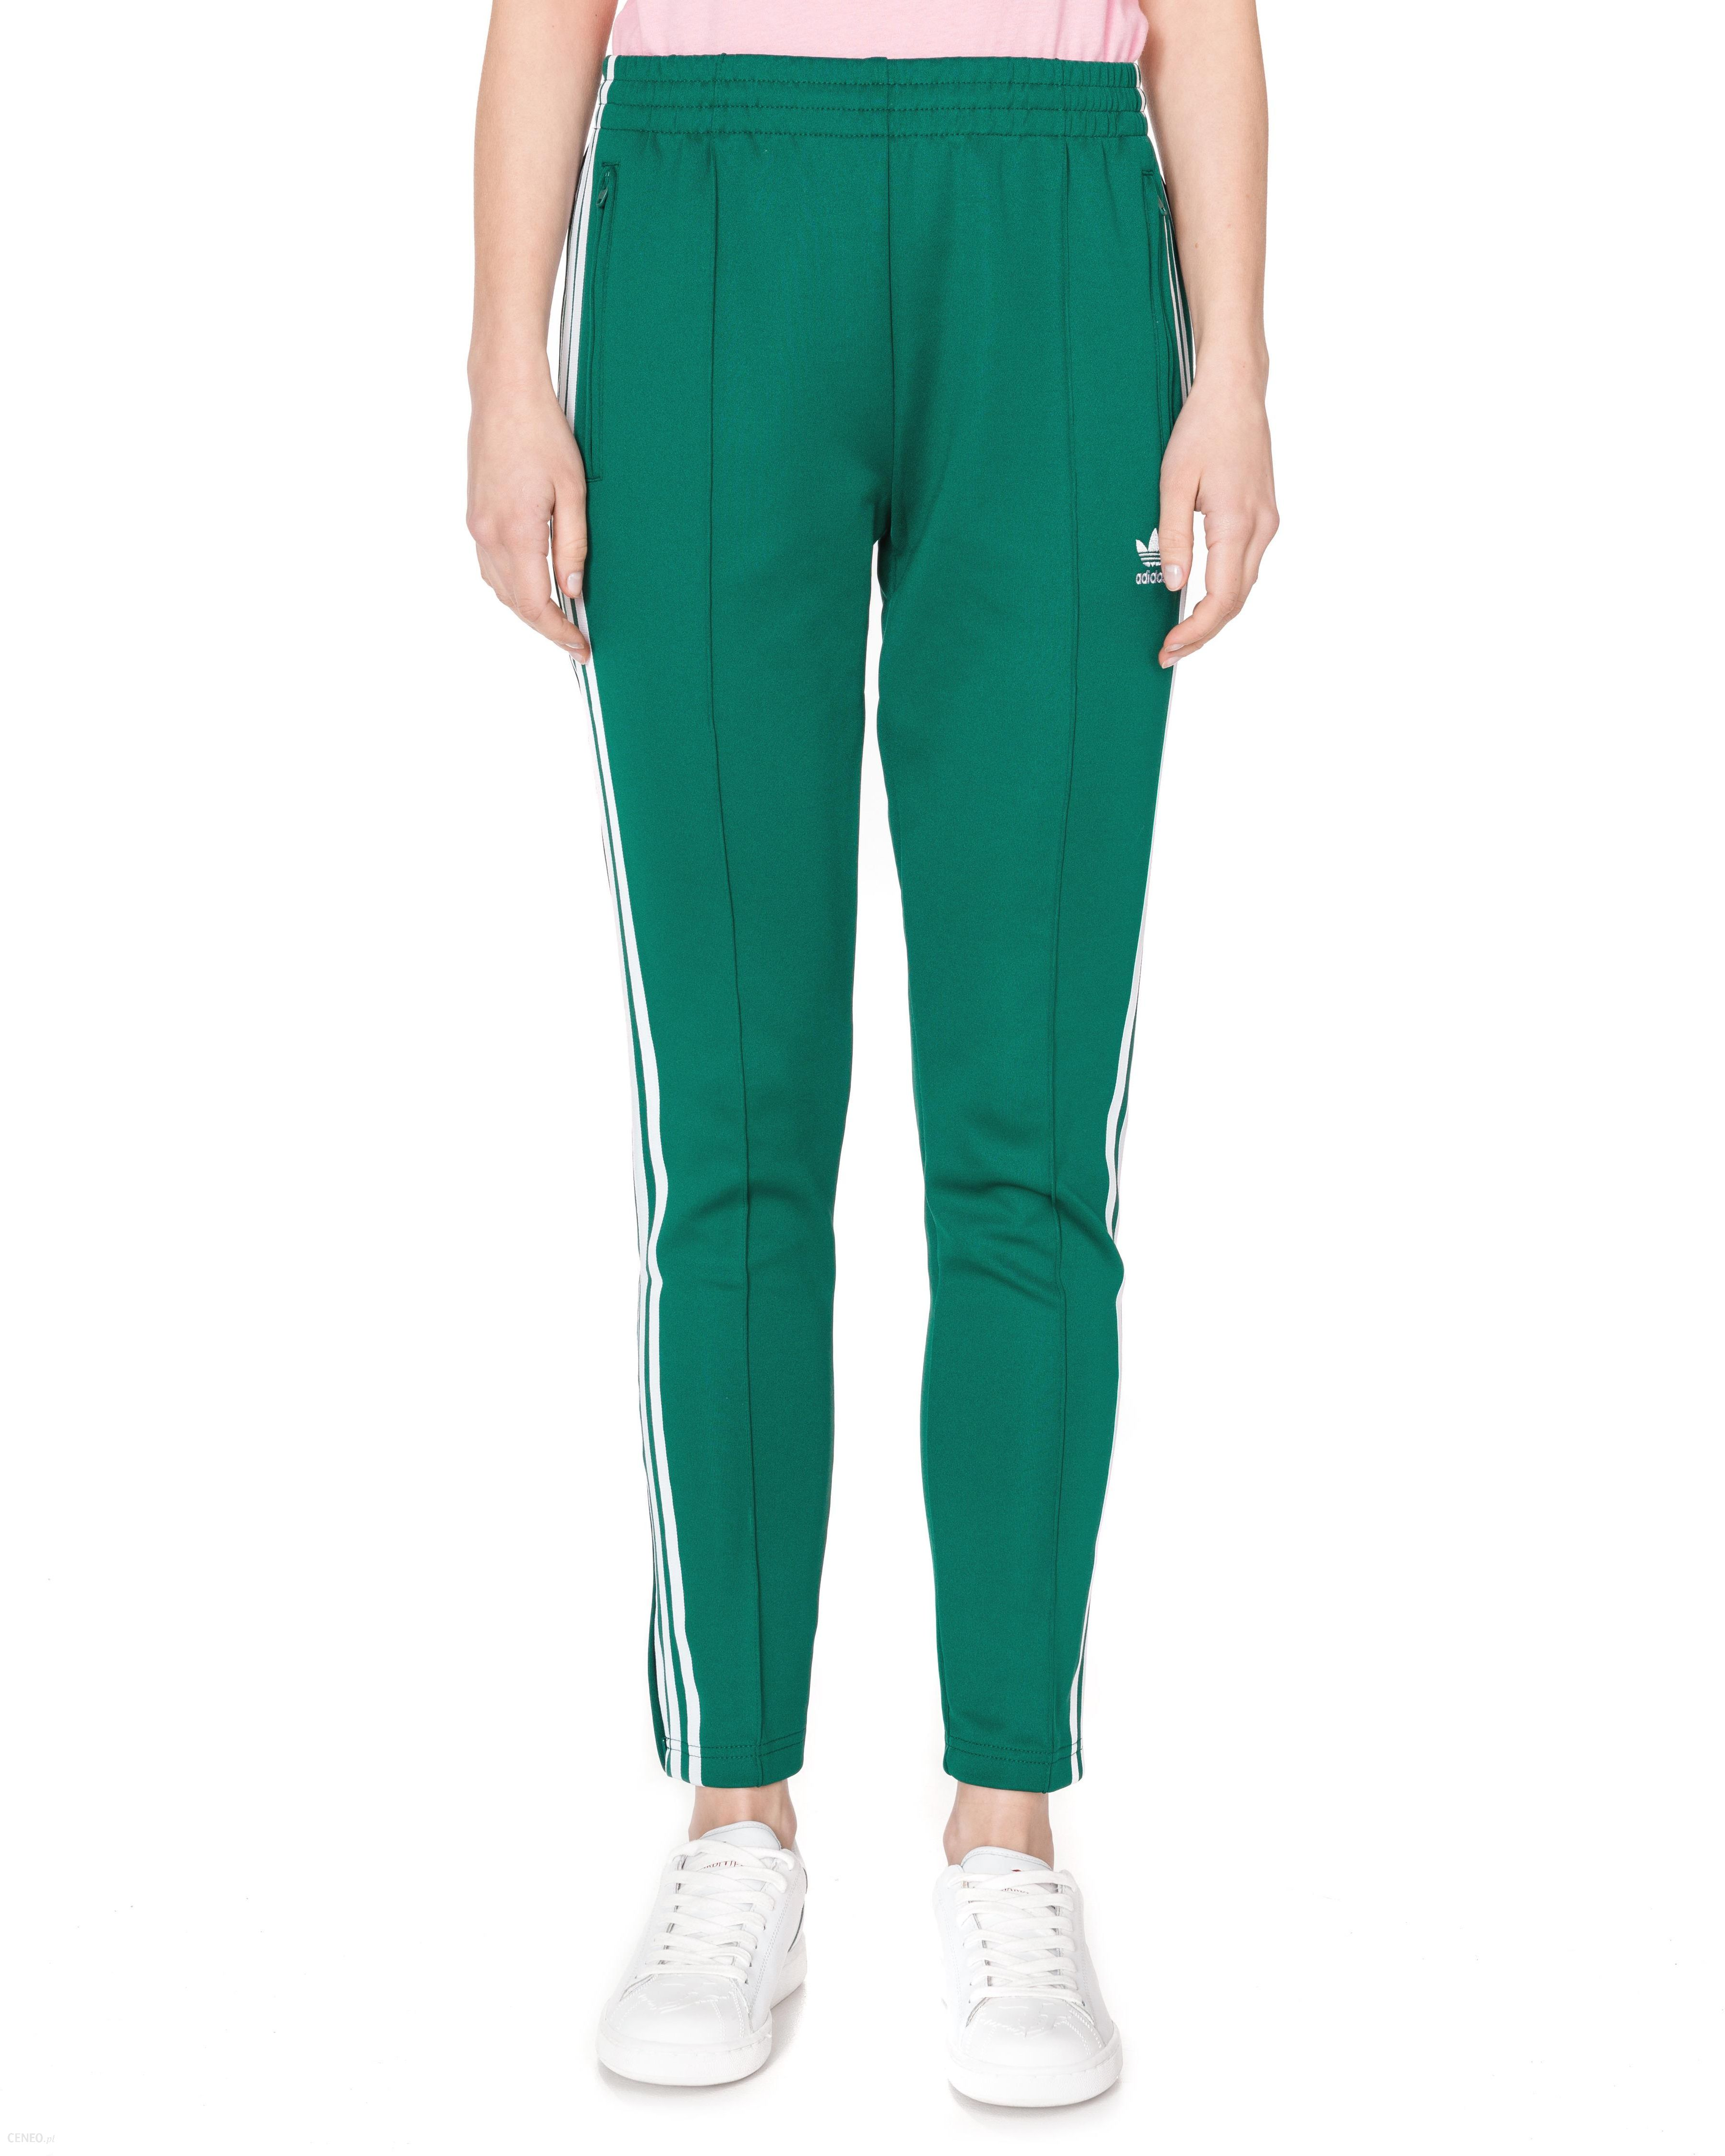 Adidas Originals SST Spodnie dresowe Zielony 36 Ceny i opinie Ceneo.pl